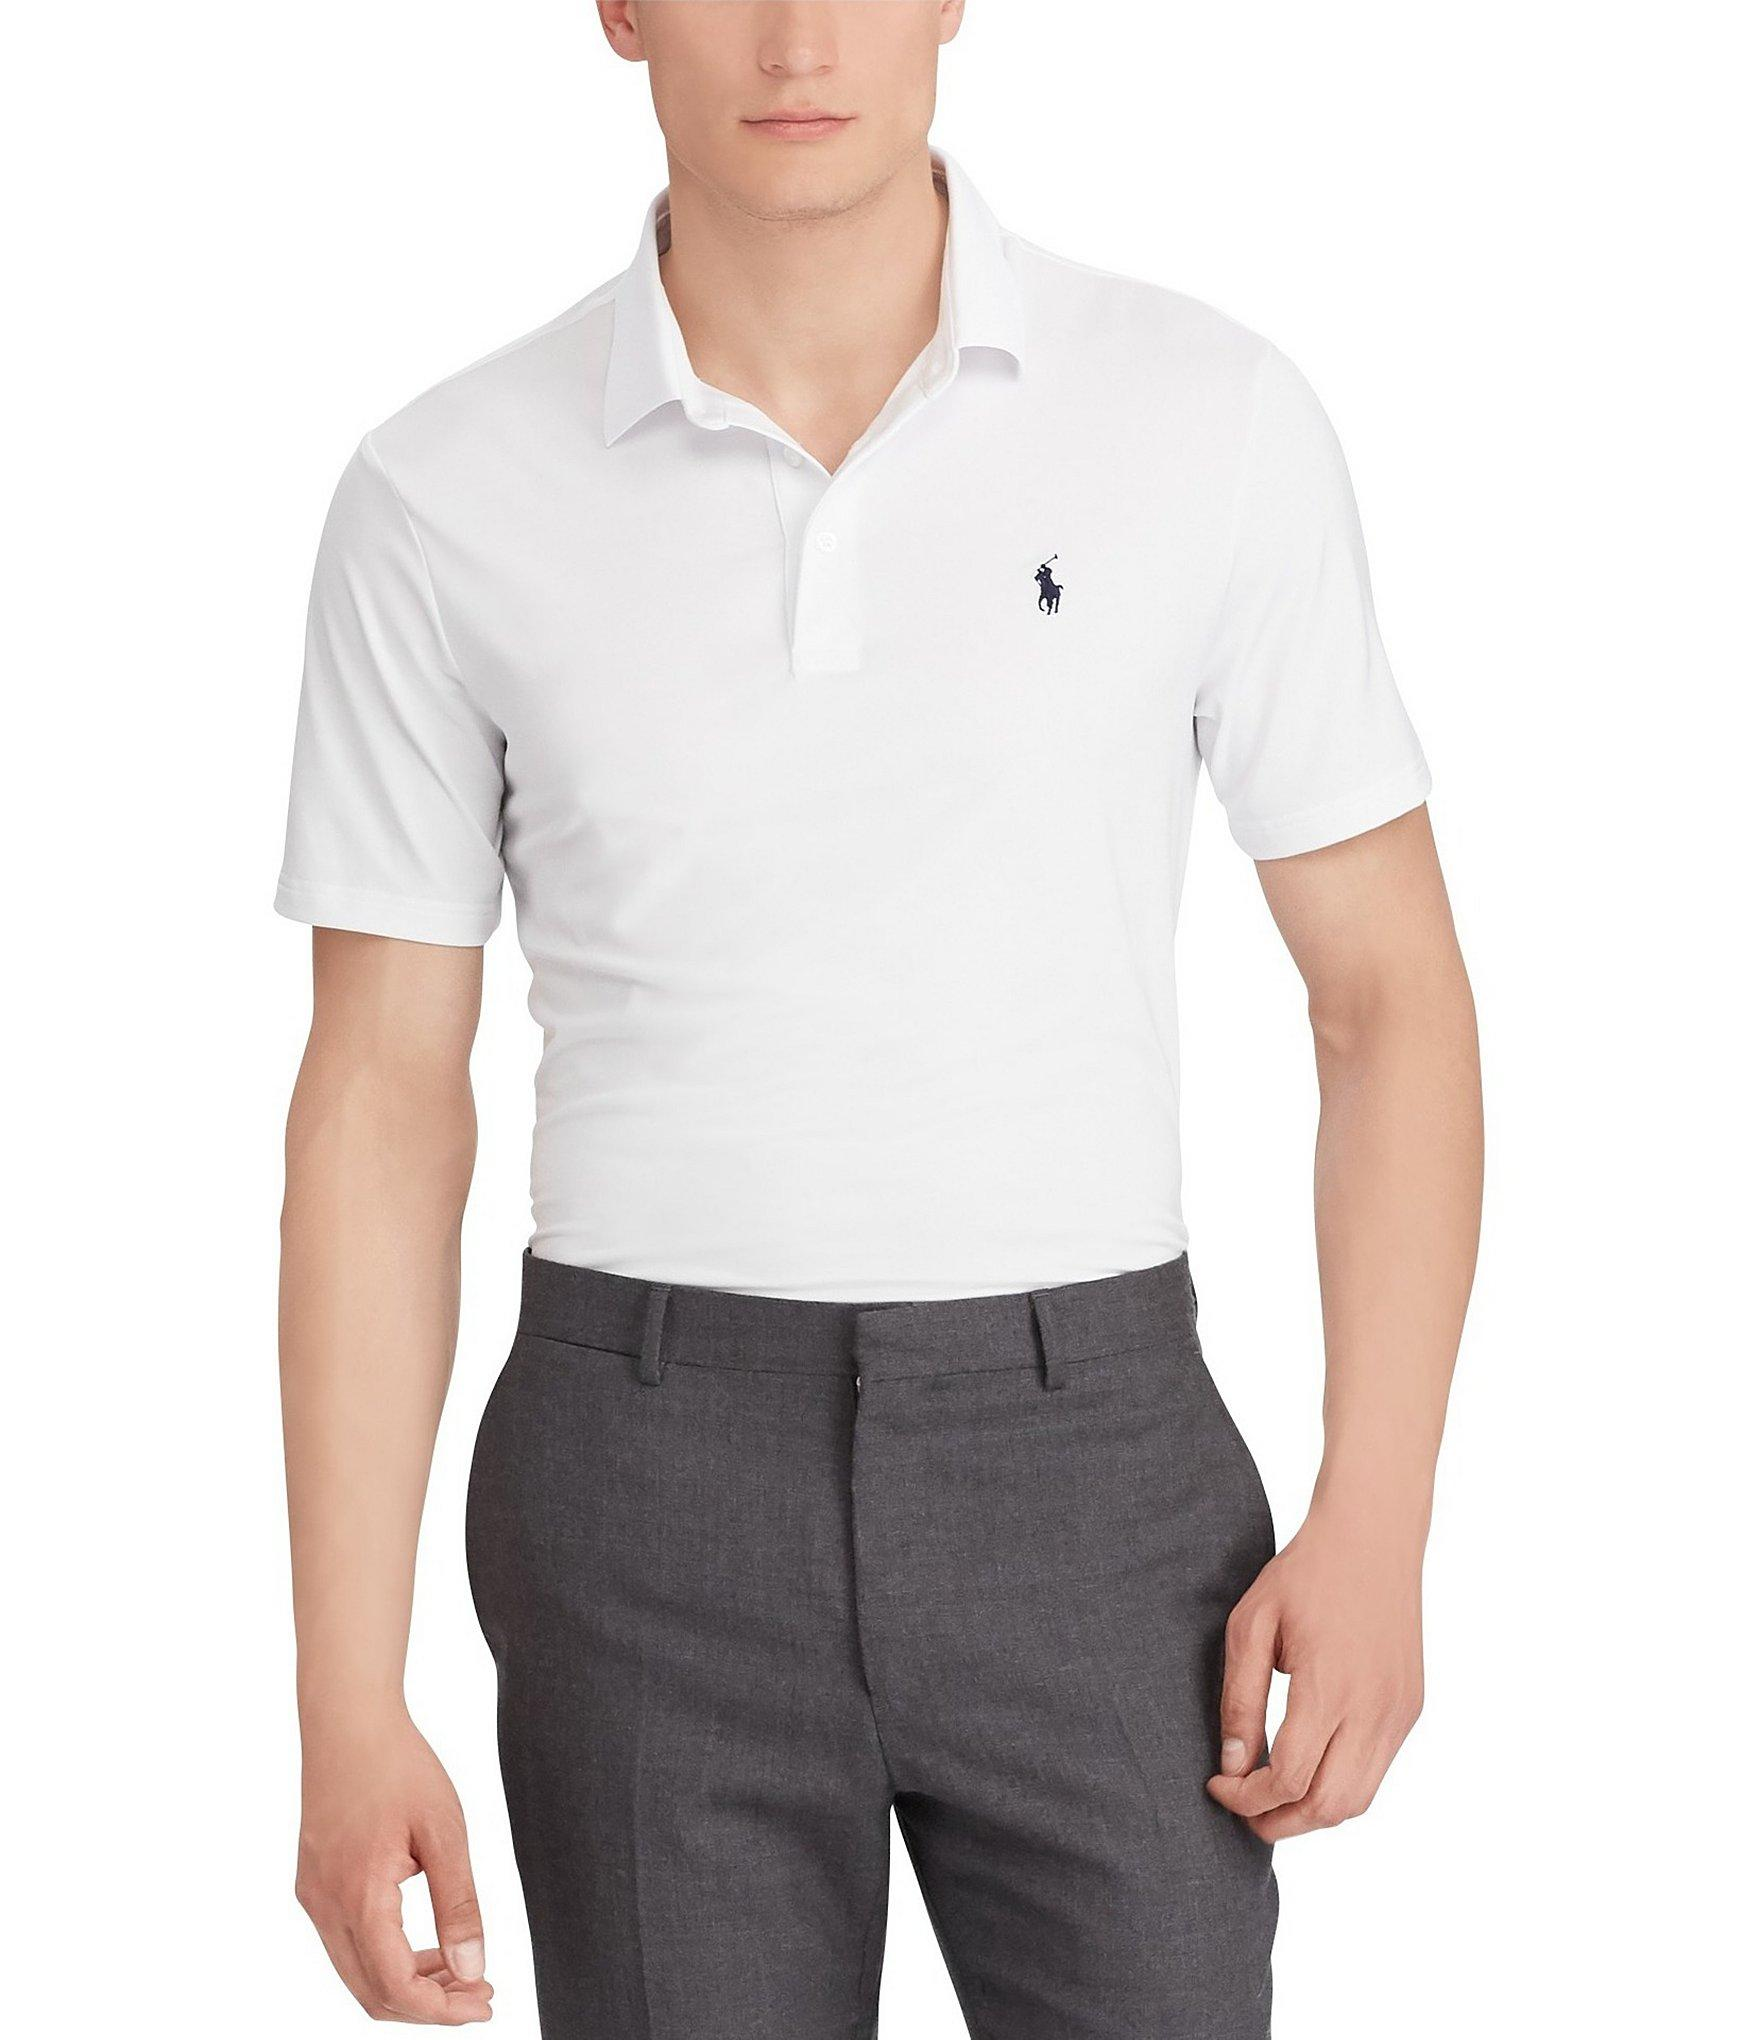 6d3a582d9 Polo Ralph Lauren. Men's White Big & Tall Performance Jersey Short-sleeve  Polo Shirt